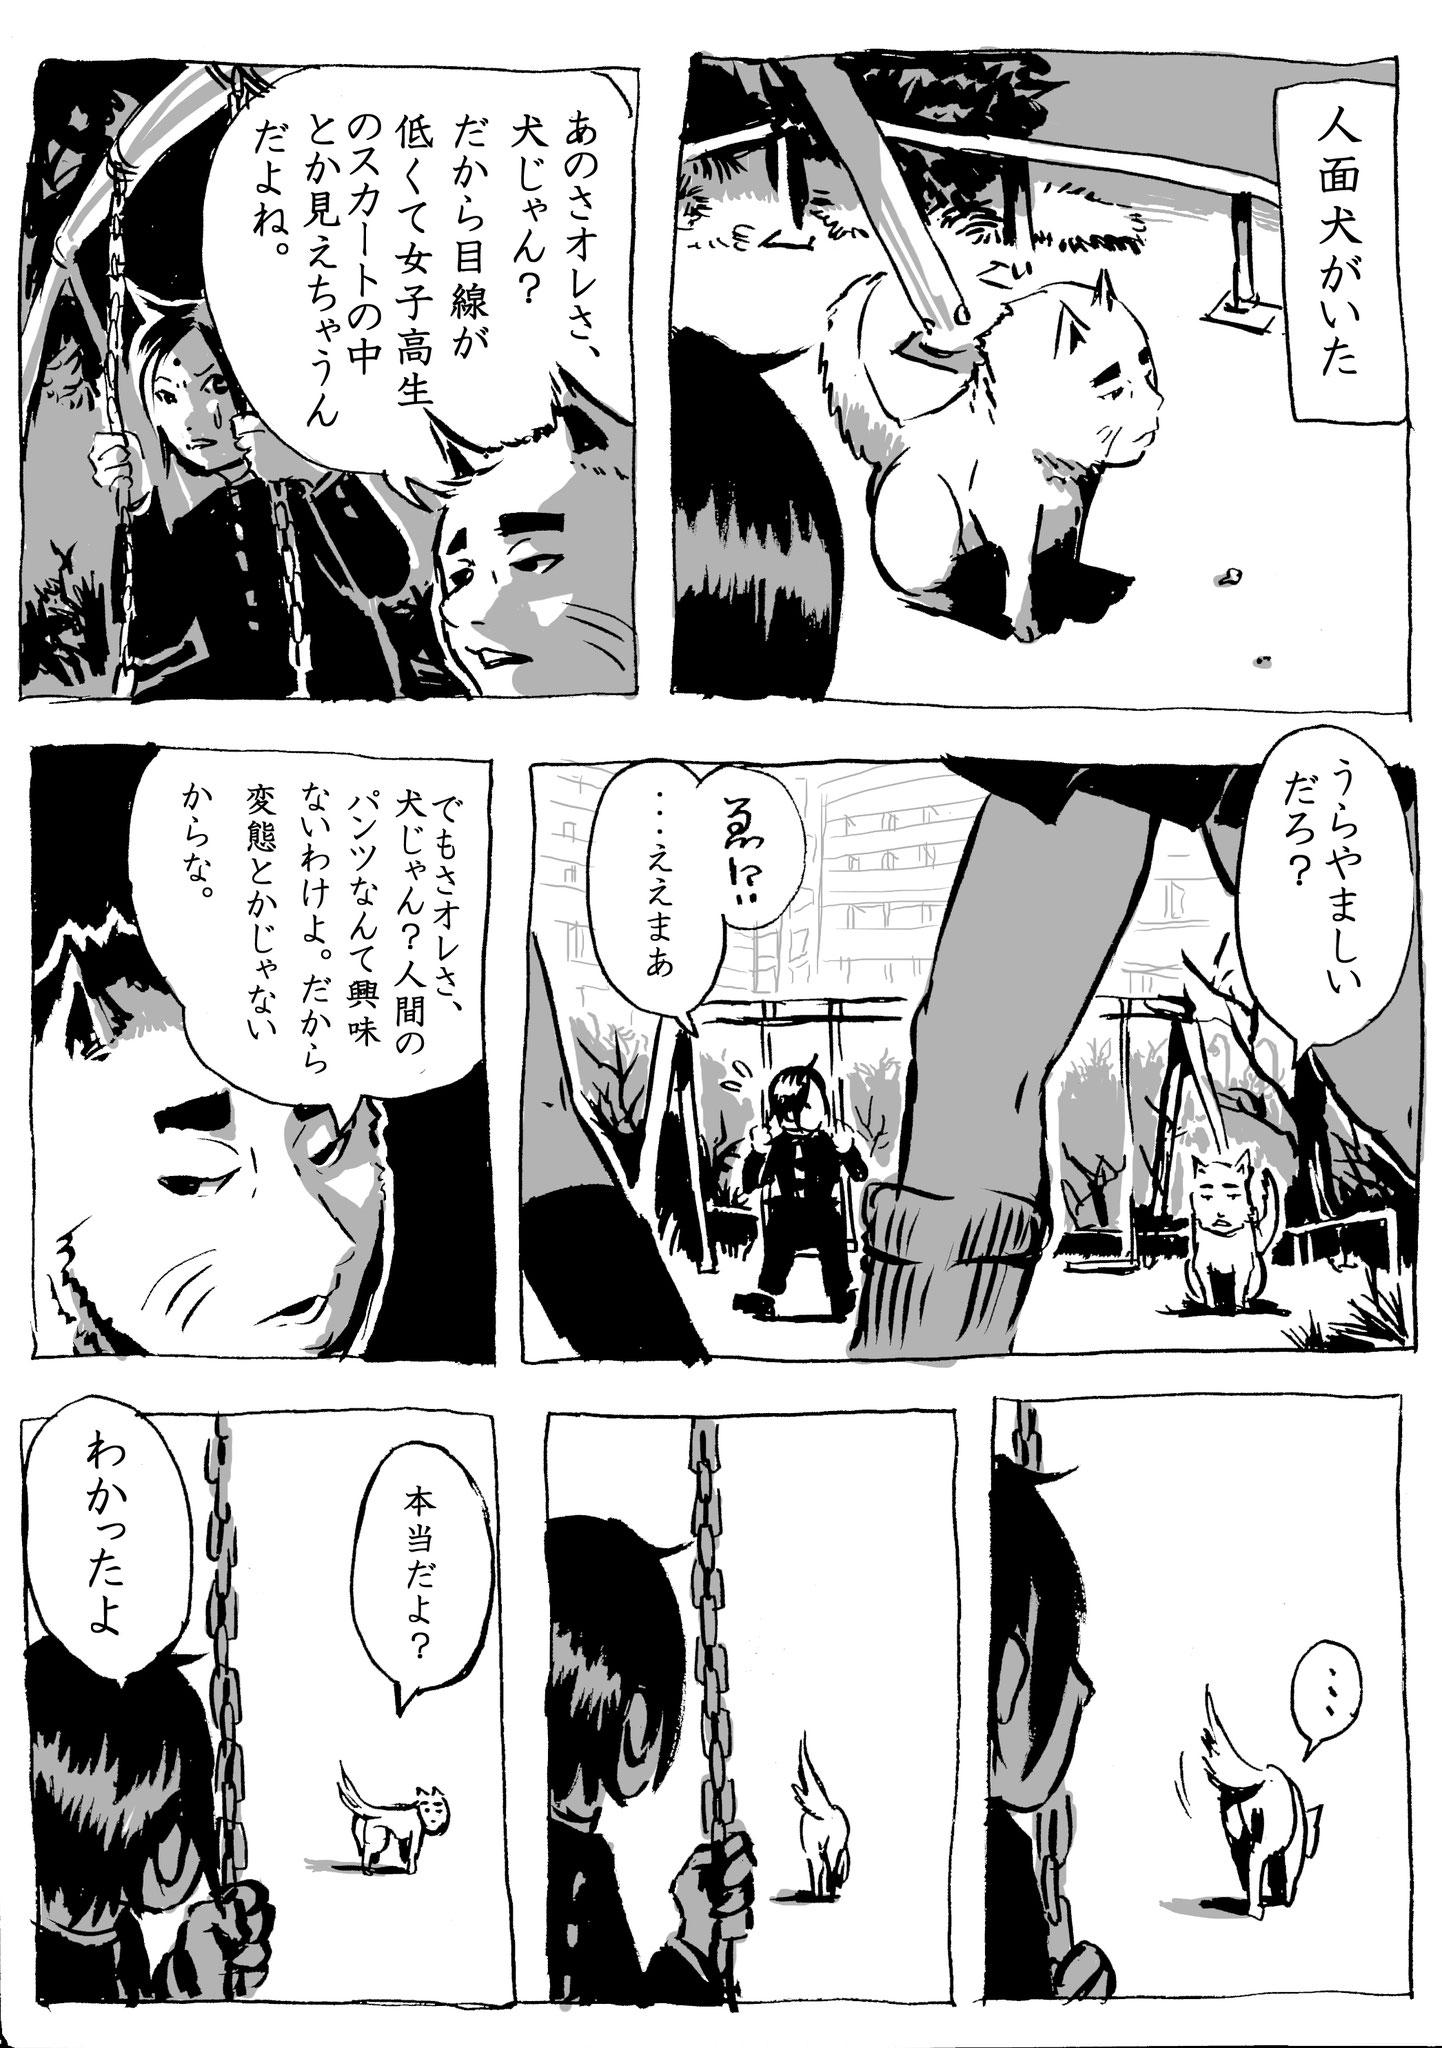 【1pマンガ】ショートショート